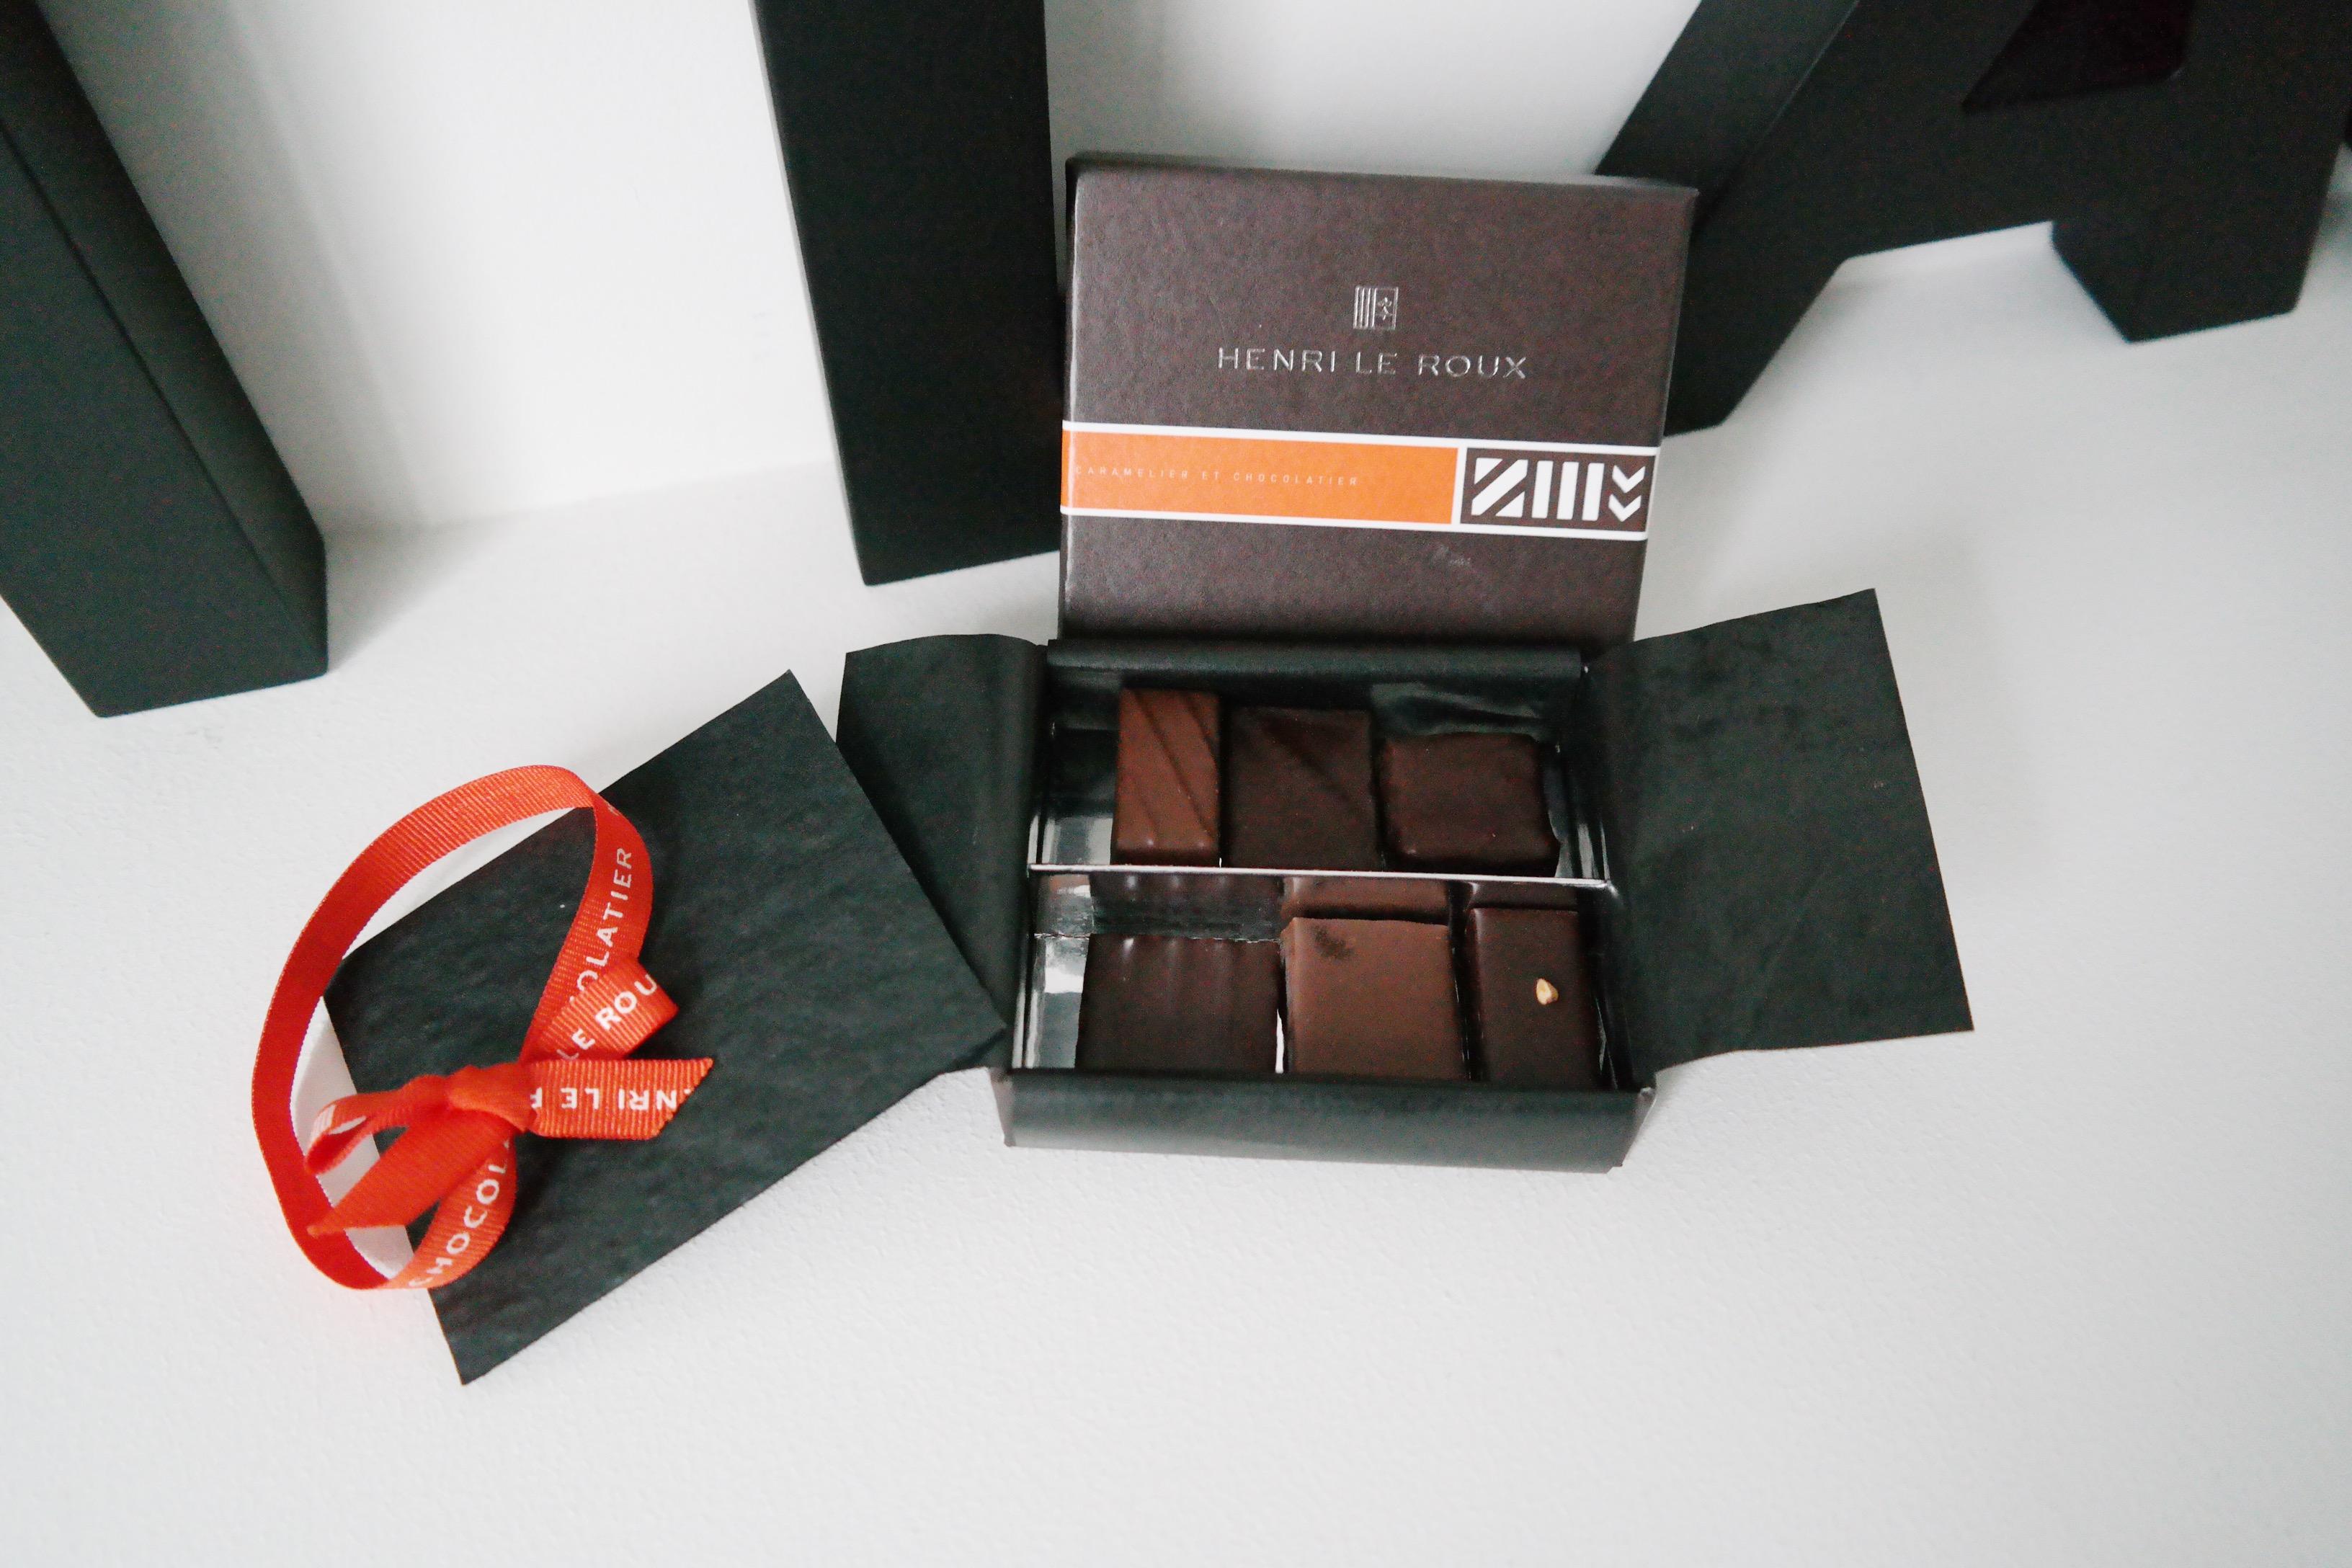 Maison-Henri-Le-Roux-Paris-Quiberon-Landévant-chocolatier-et-caramélier-coffret-Bretagne-sélection-chocolats-caramel-au-beurre-salé-fleur-de-sel-de-Guérande-gianduja-photo-blog-usofparis